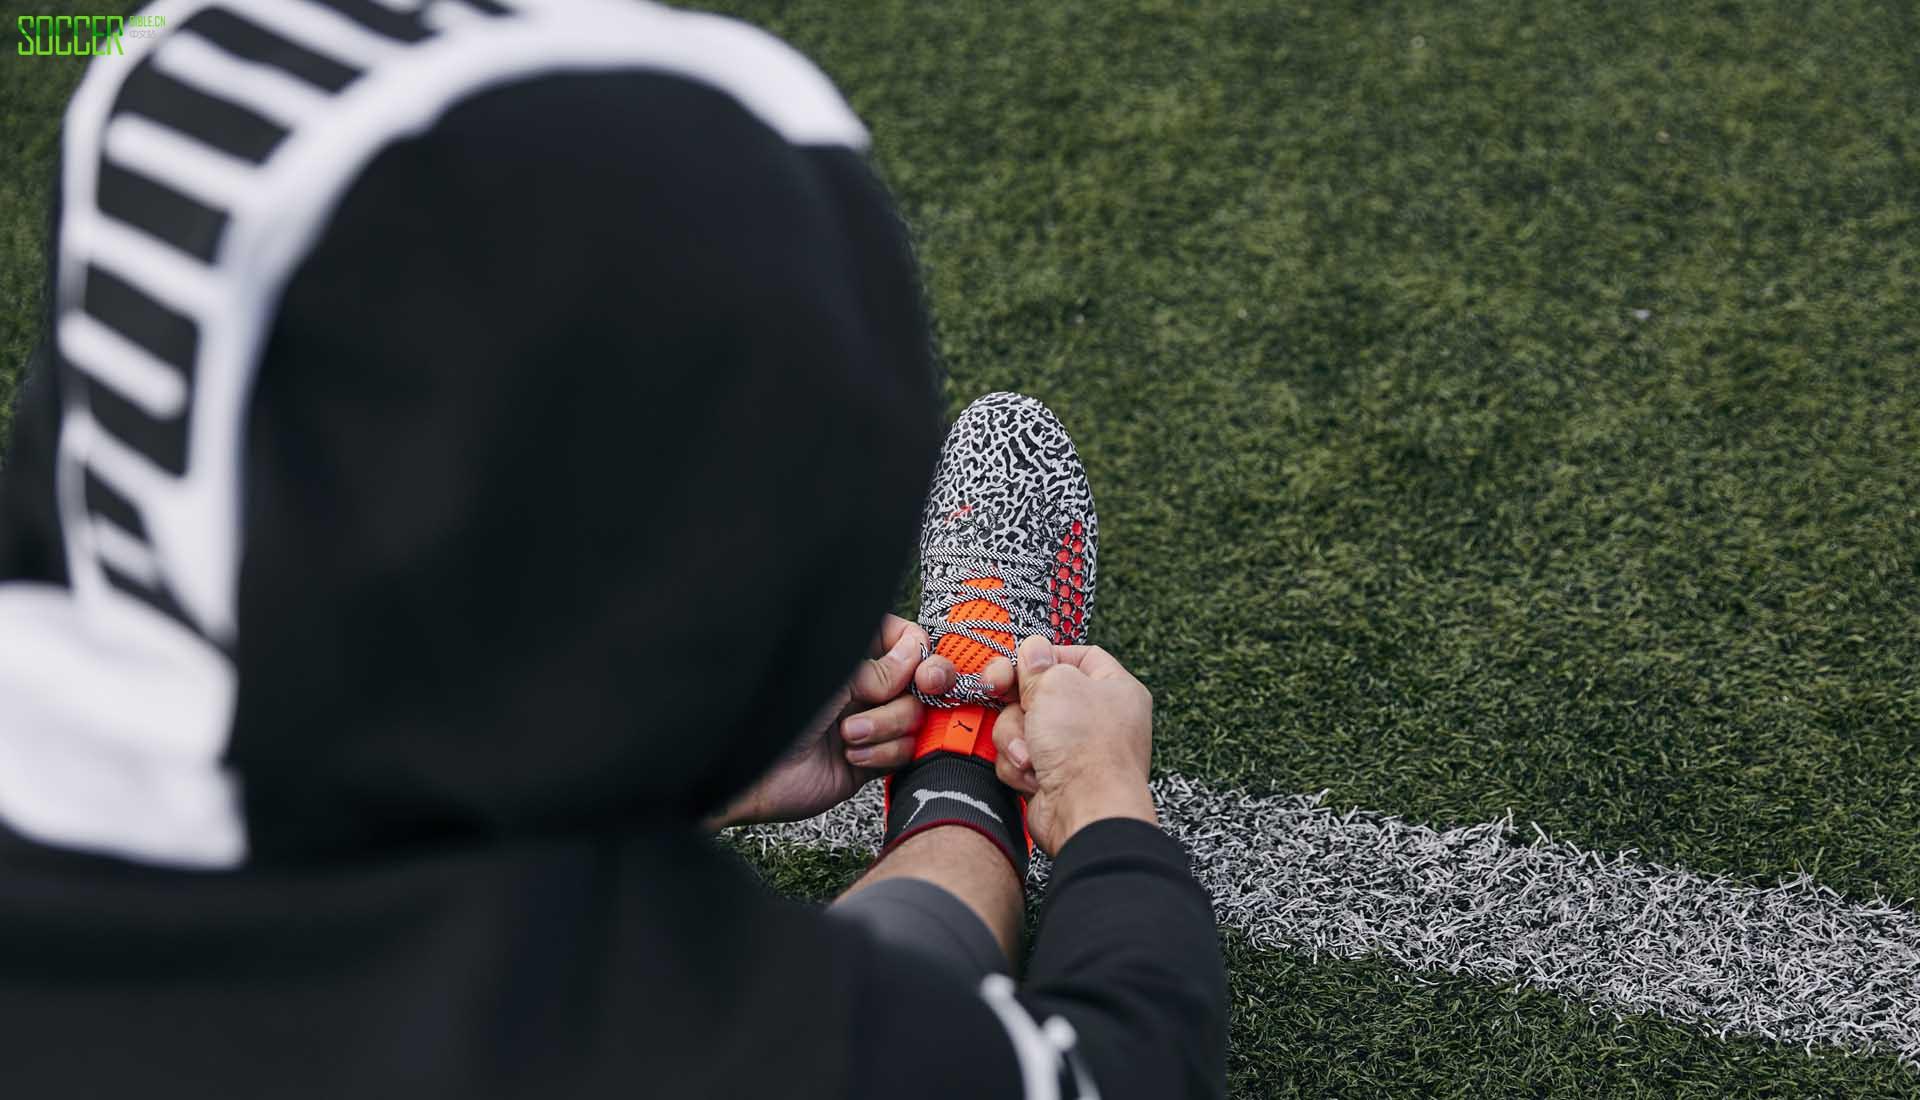 实战评测PUMA Future 18.1 NetFit 足球鞋